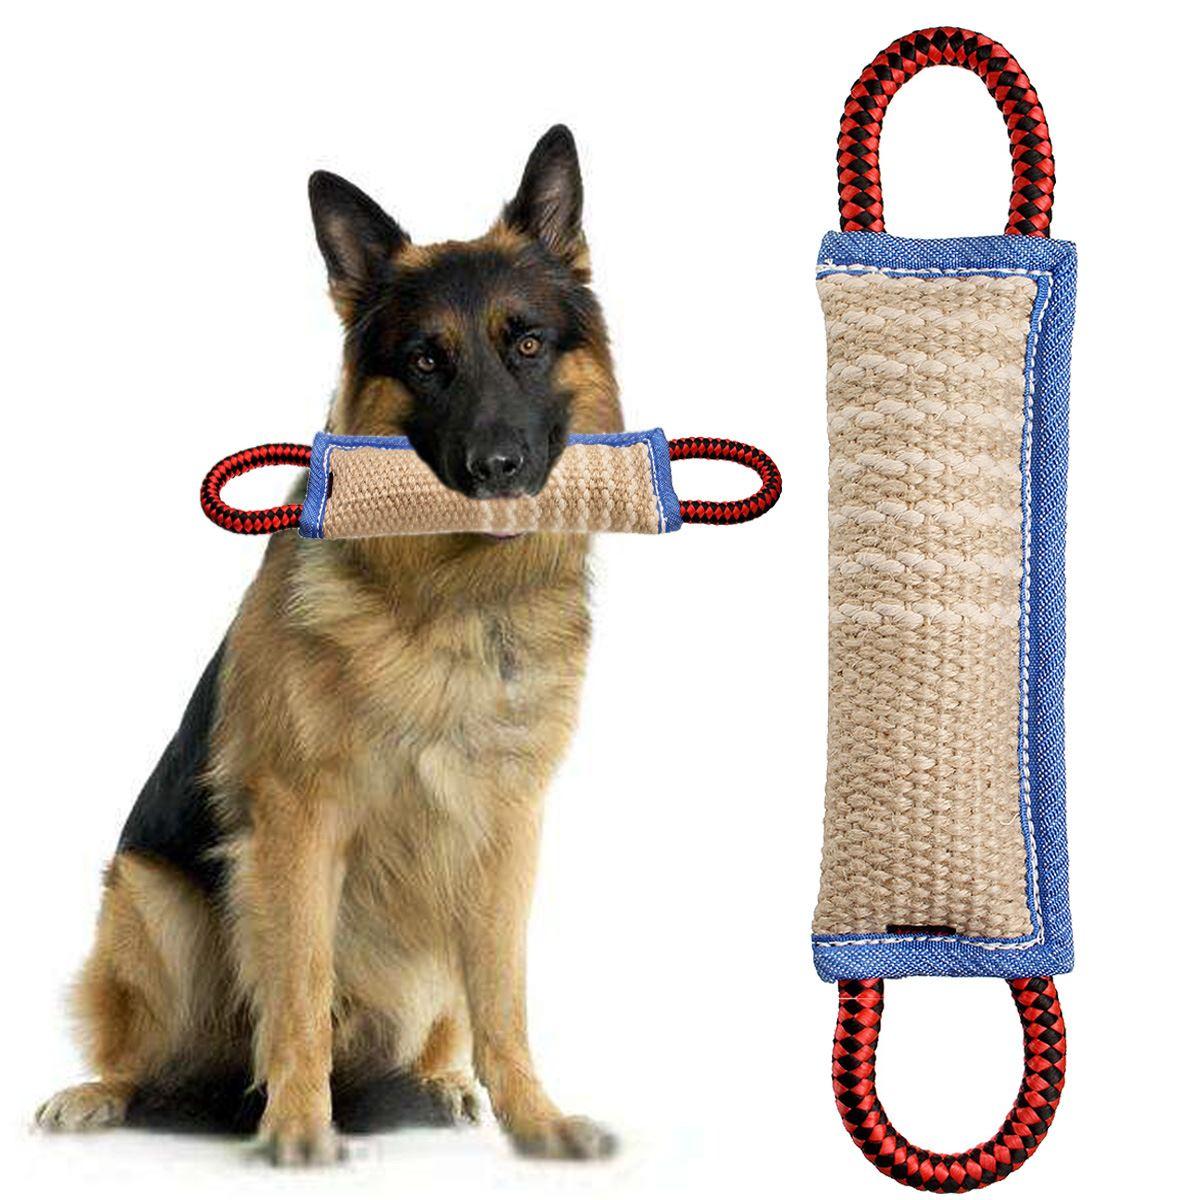 """12 """"koera mänguasjade pukseerimiskoolitus 2 käepidemega suurte padjaga hammustavate padjadega hambad Tervislik närimisabi mängimine K9 rottweilerile"""